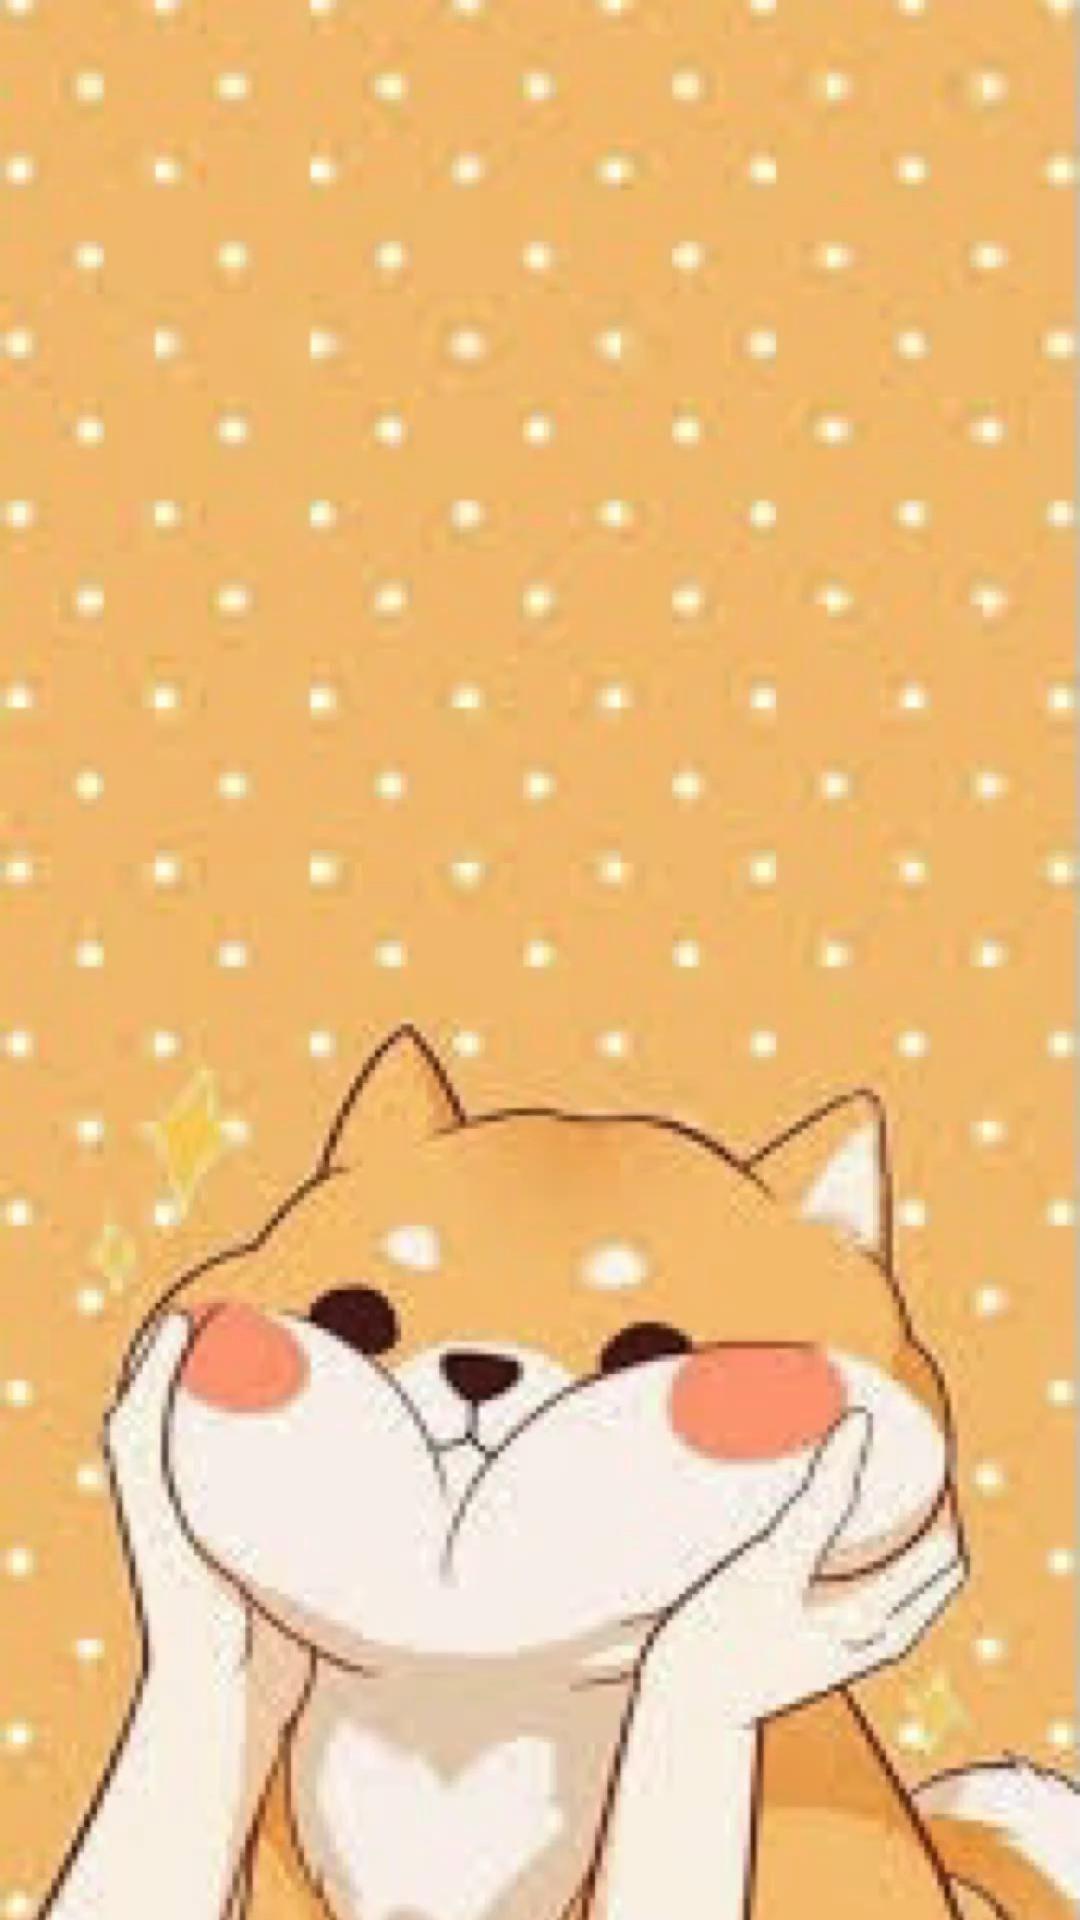 Love this cute pics